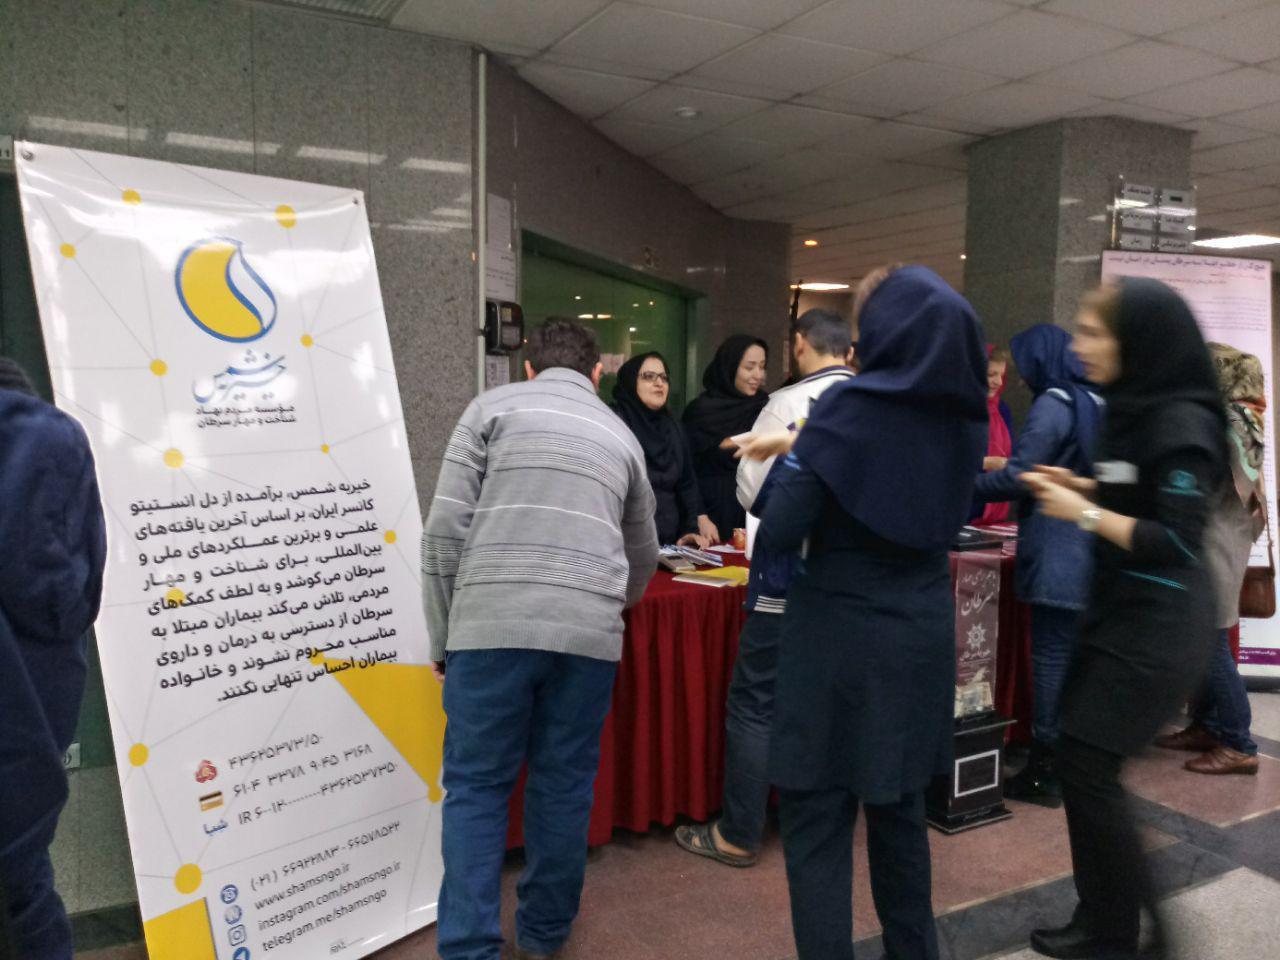 روز جهانی سرطان غرفه موسسه شمس